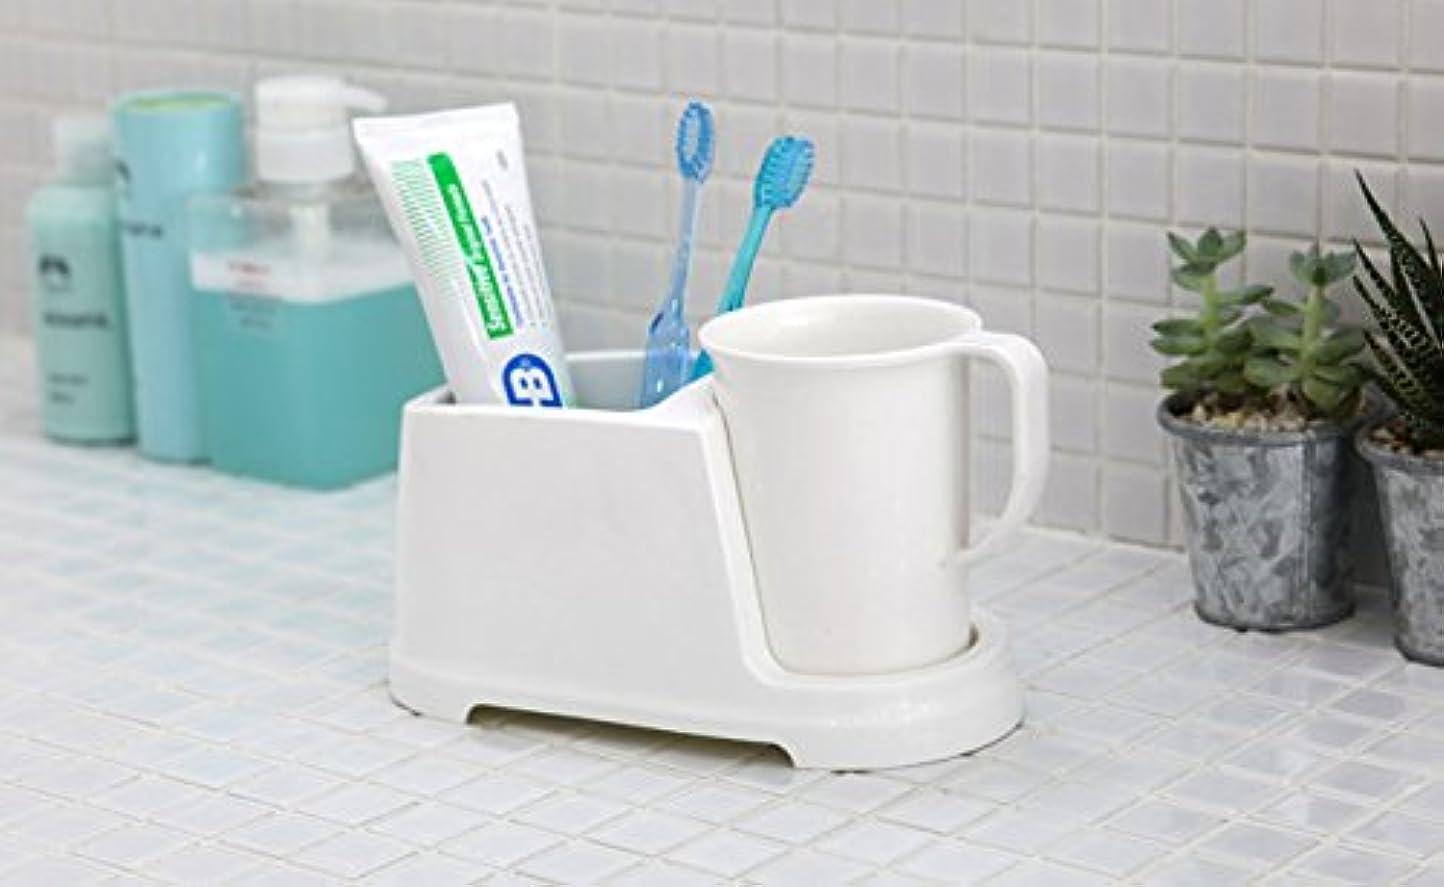 エスカレート矛盾するジャーナリストTenby Living歯ブラシホルダー+ Rinse Cup、クリーンおよび現代デザイン、ホワイト